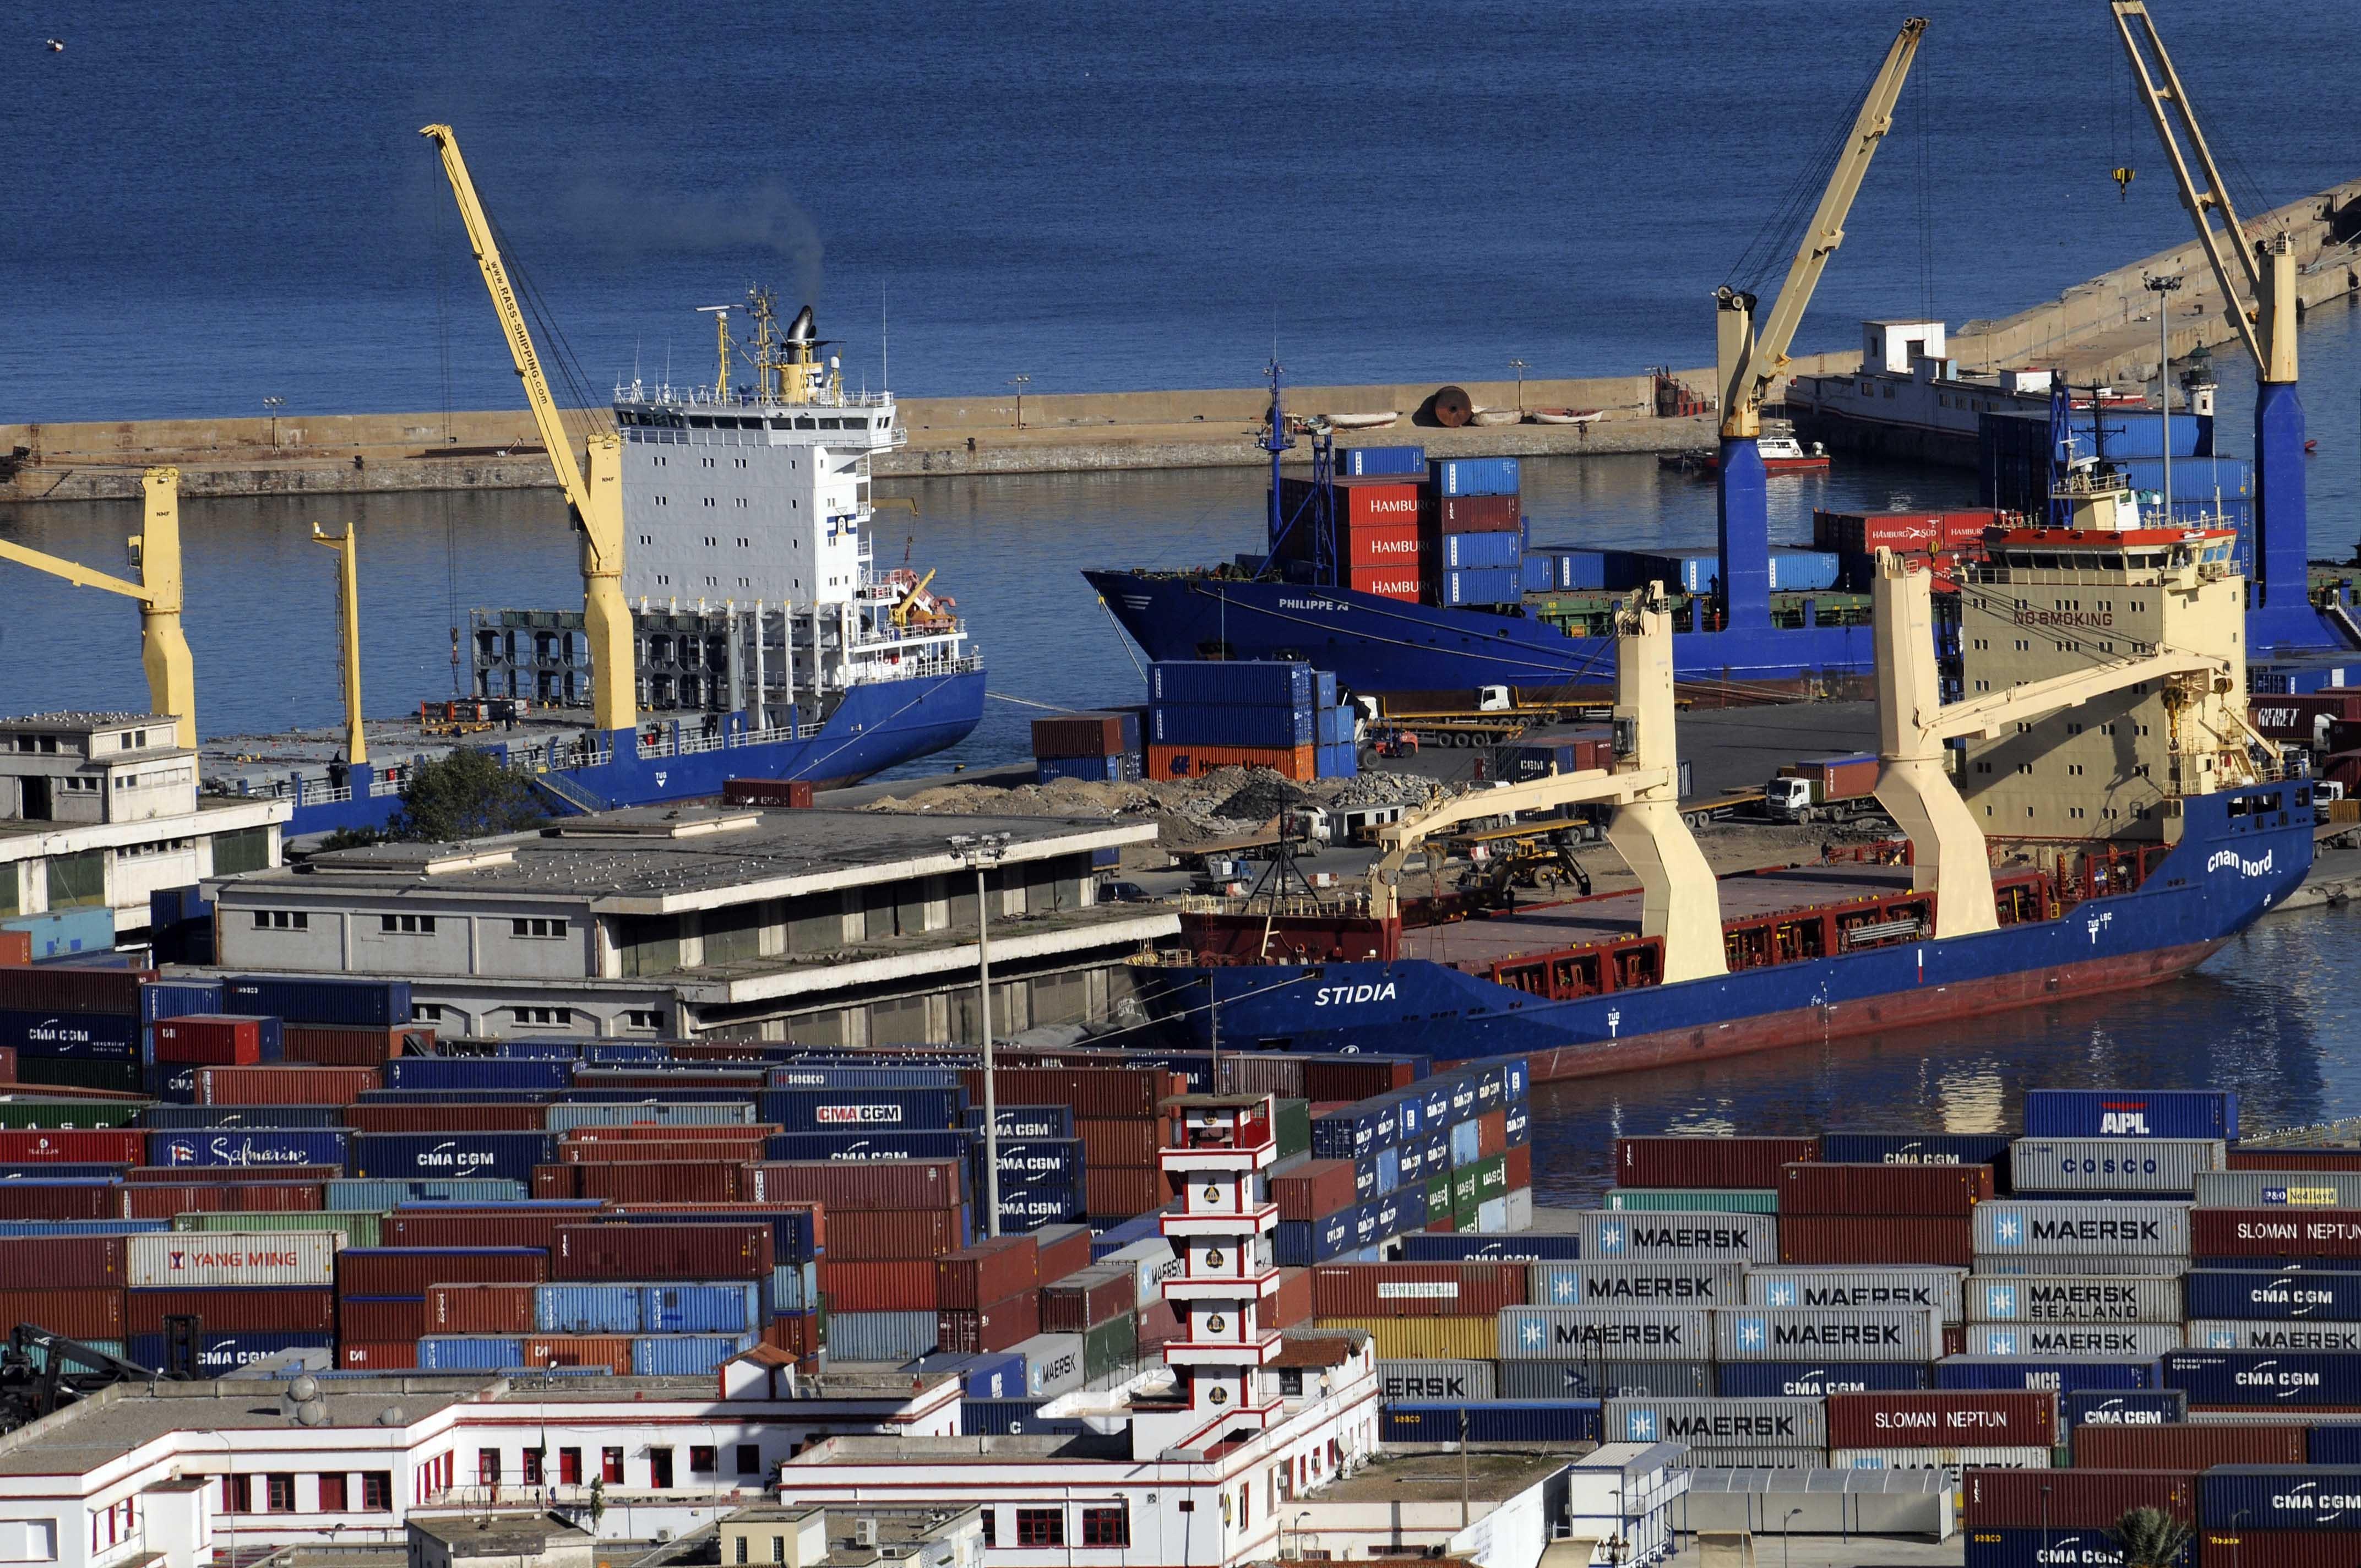 Les exportations ont augmenté à 8,944 milliards de dollars. New Press